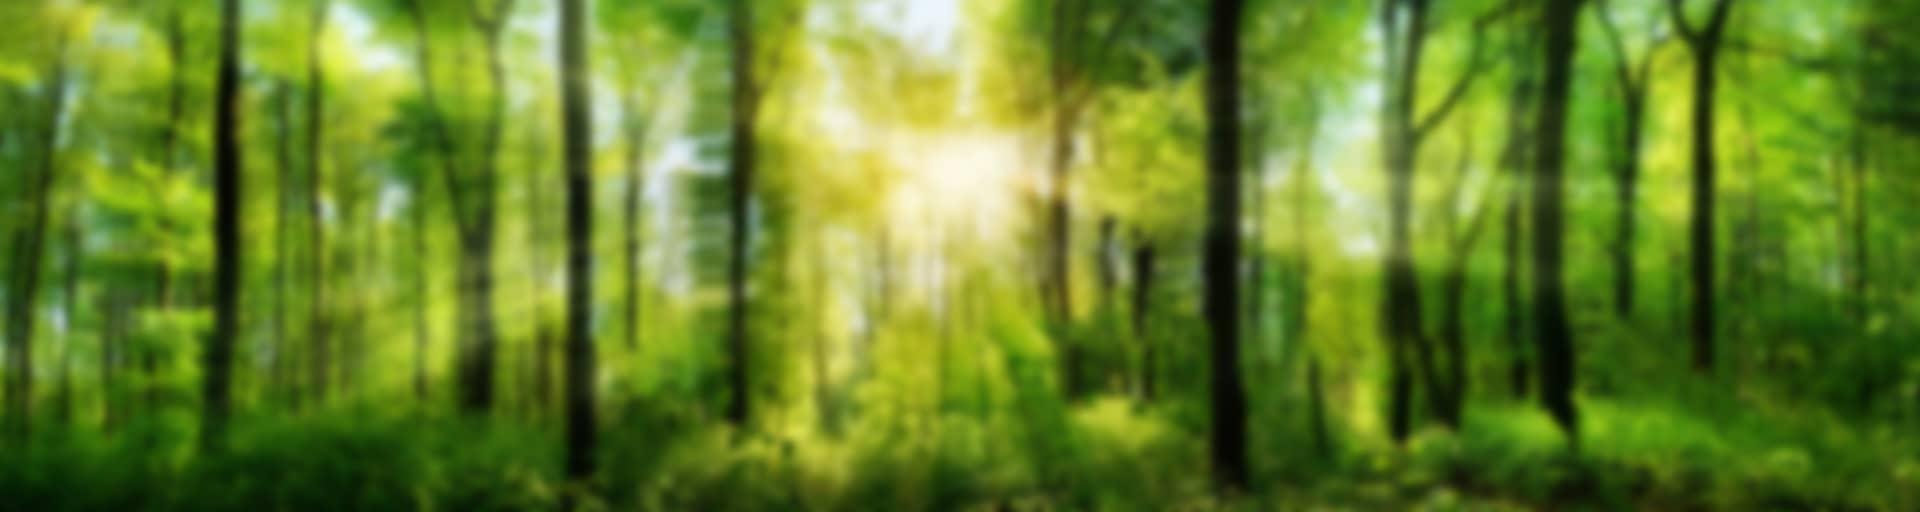 forest_bg